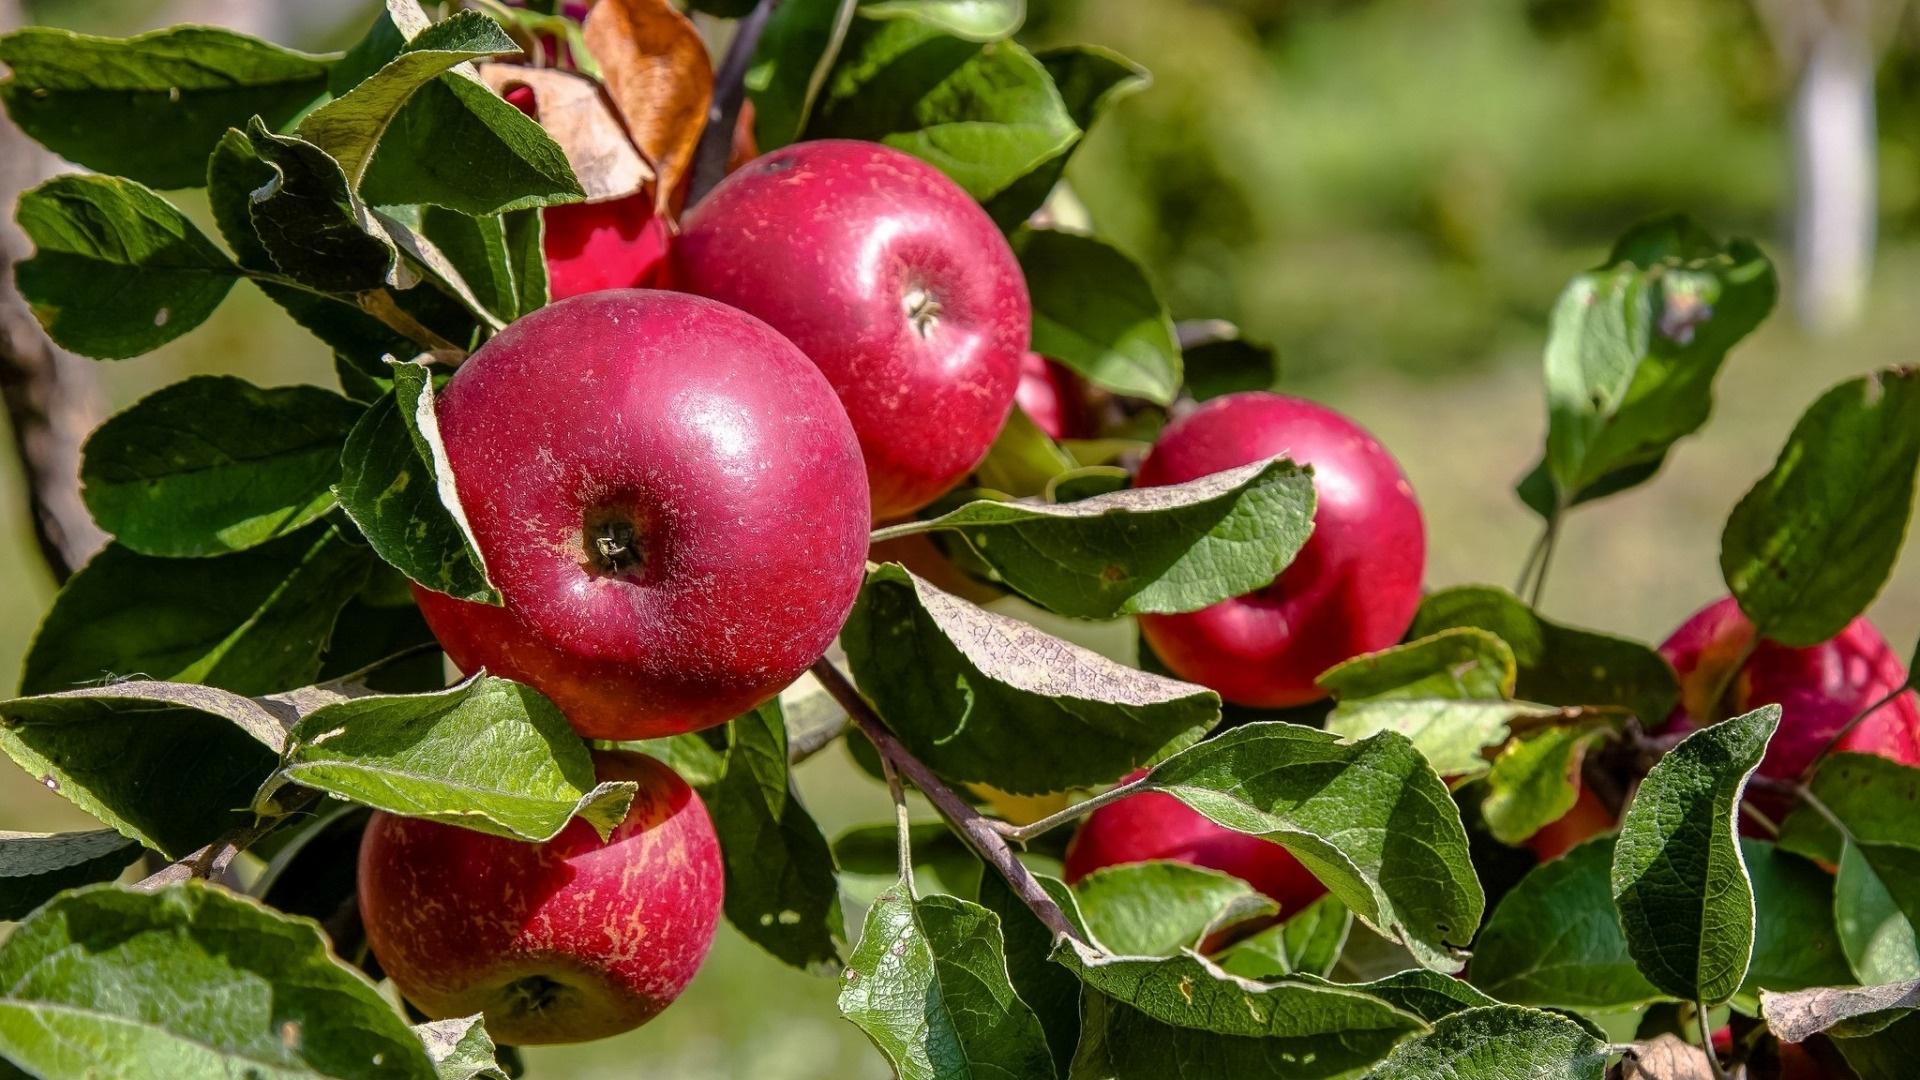 Apple Tree desktop wallpaper hd